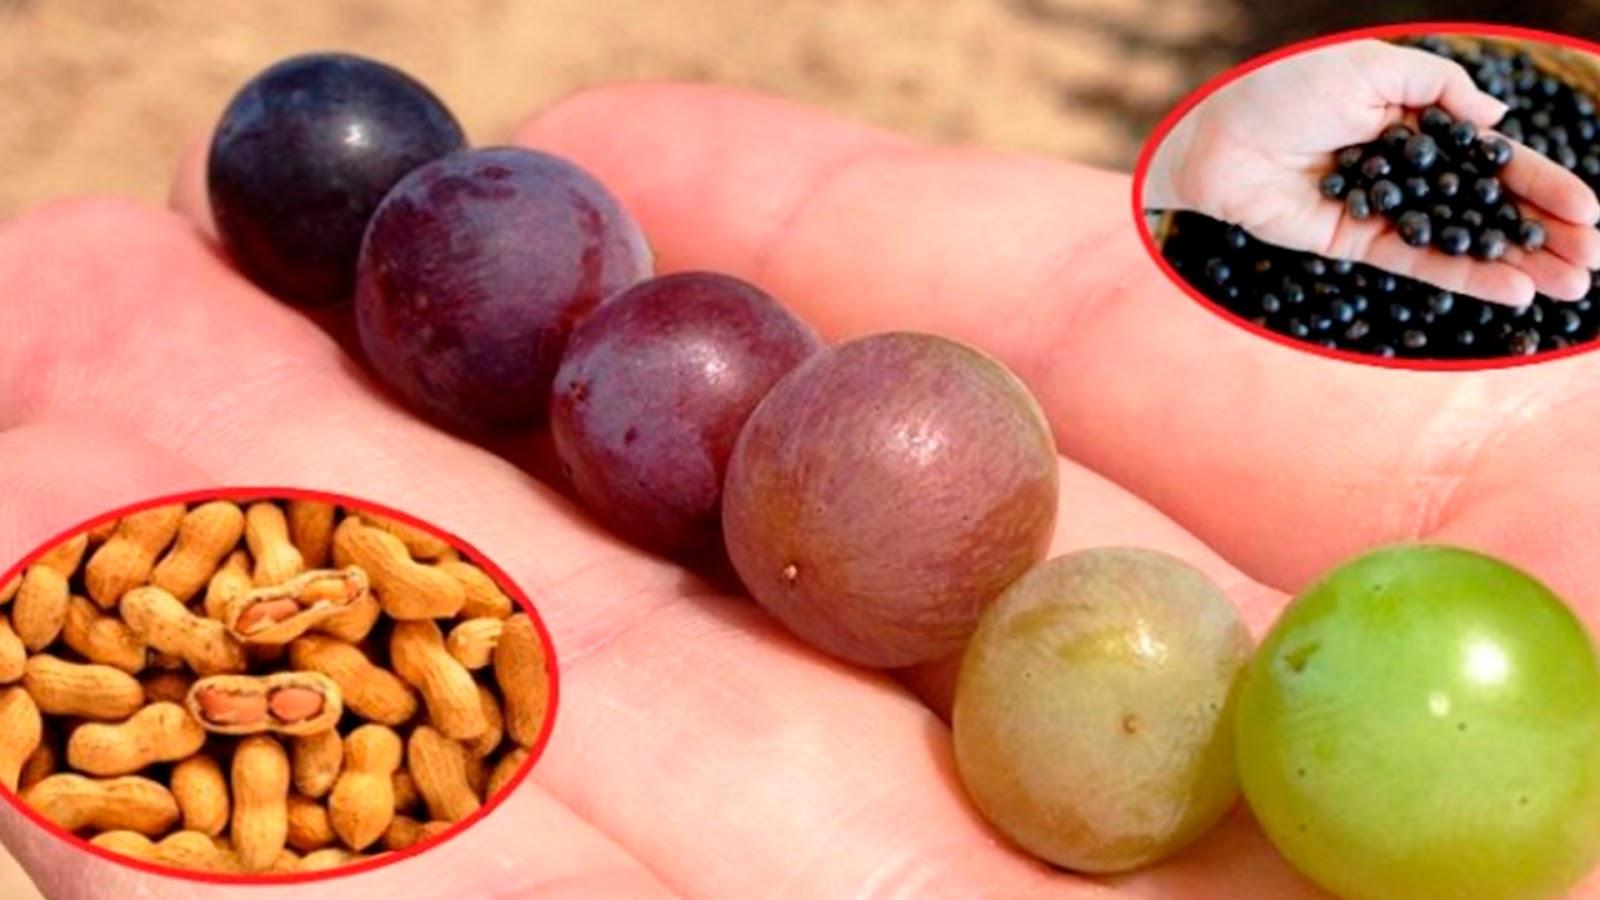 Científicos mexicanos descubren molécula que inhibe el cáncer en cacahuates, moras y uvas.